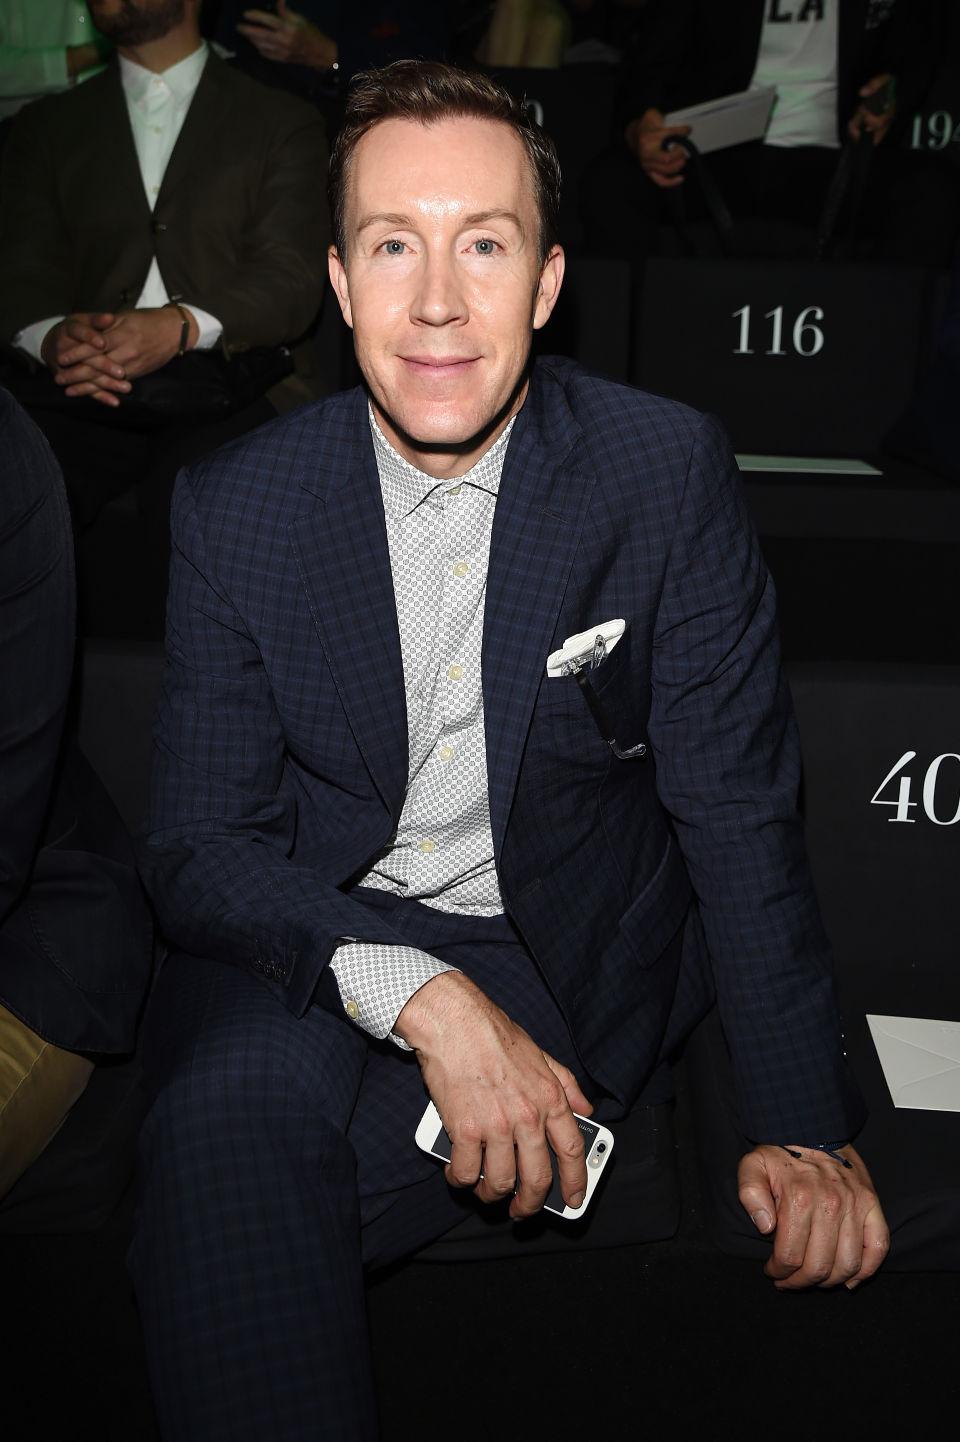 Ерик Дженингс Моден директор на SAKS FIFTH AVENUE Saks е институция! Дженингс, който работи за търговеца на дребно от 2008 г. насам, има вечно запазено място на първия ред на модните дефилета, а лицето му е вече доста разпознаваемо!